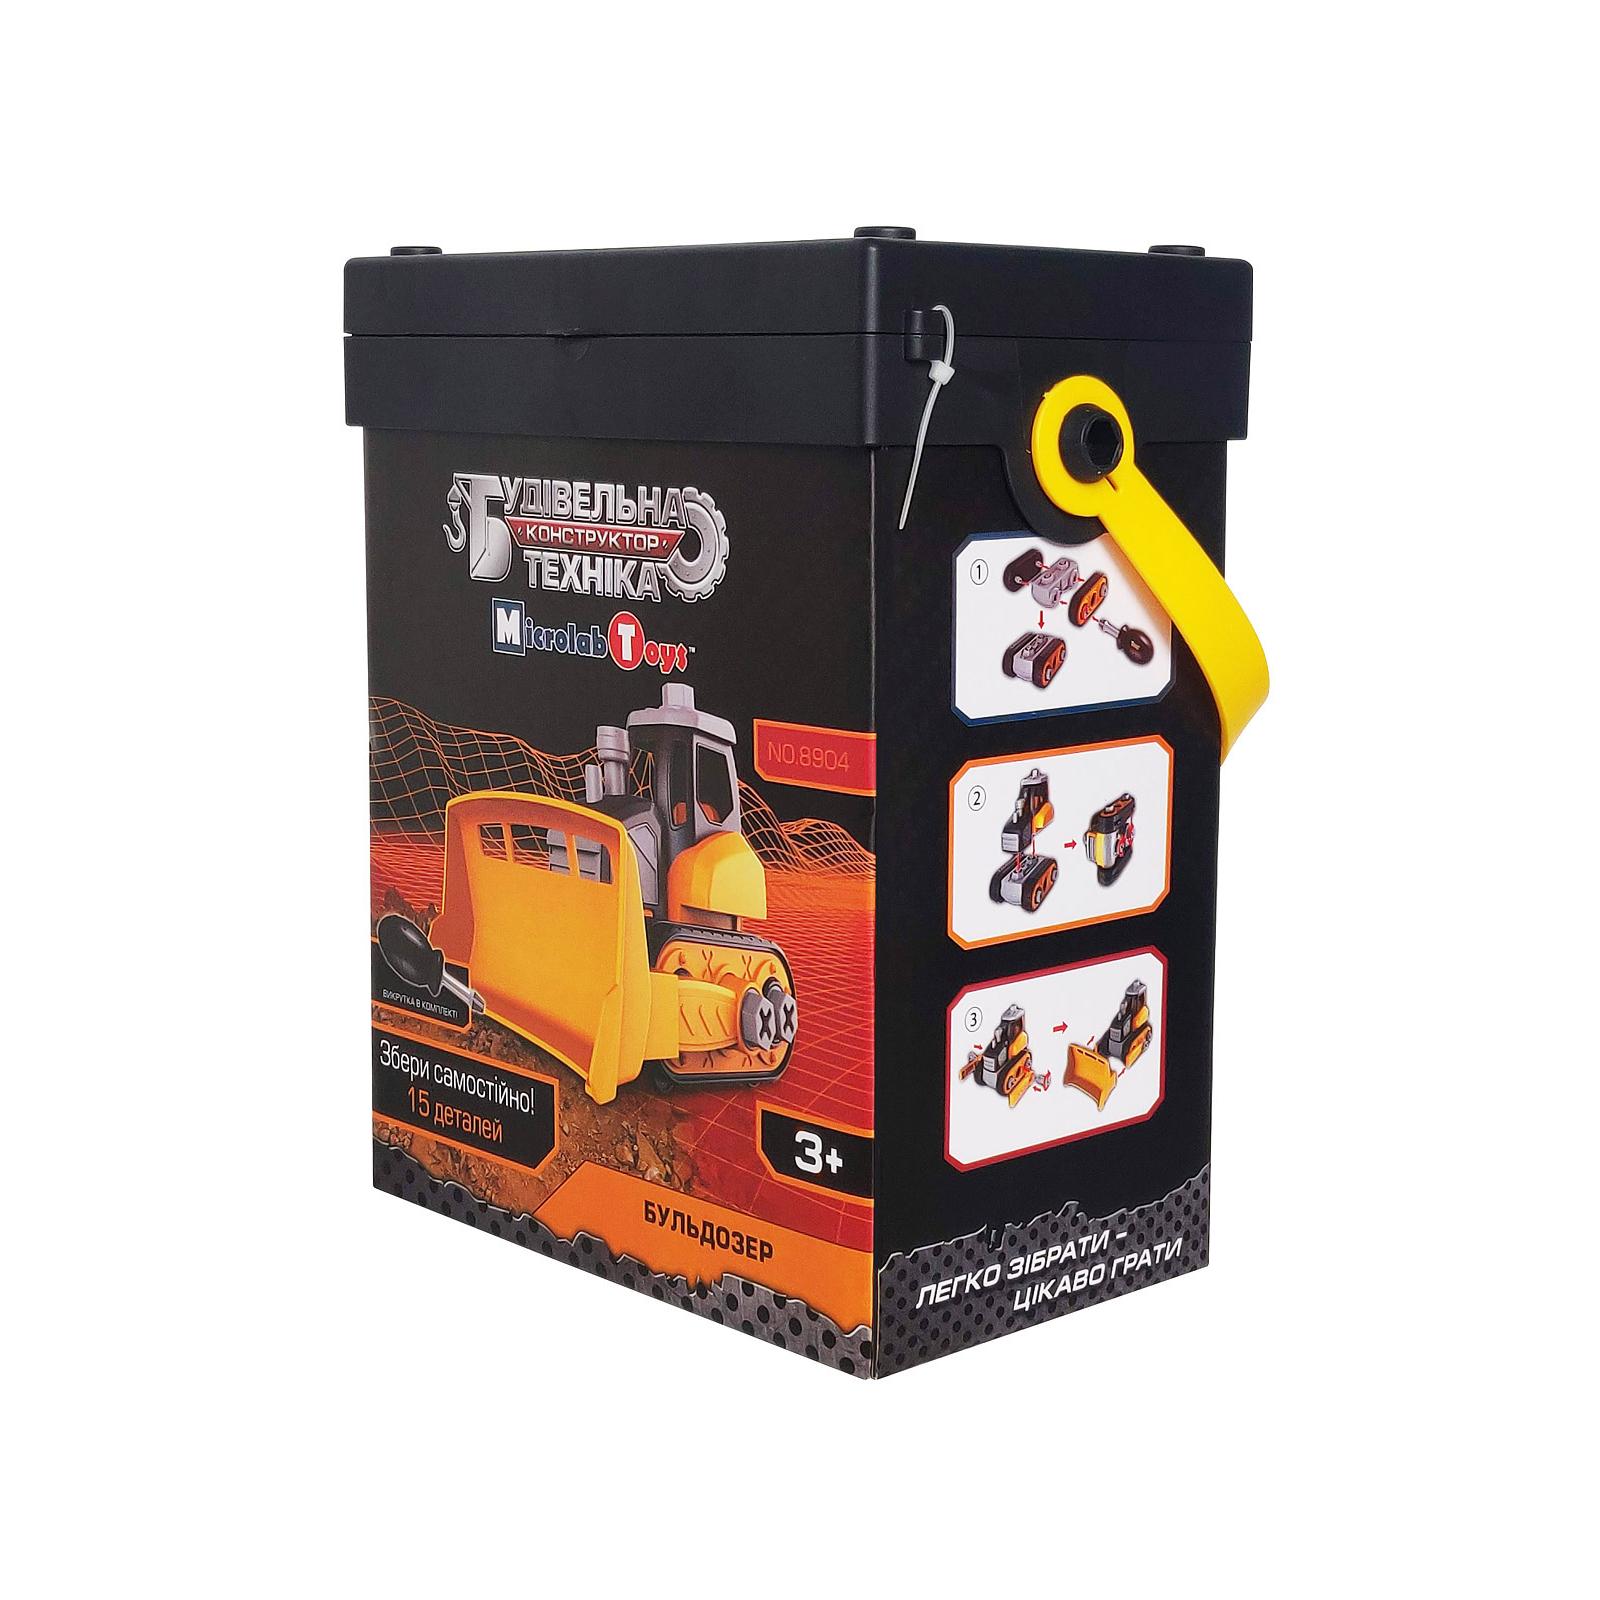 Конструктор Microlab Toys Строительная техника - бульдозеры (MT8904) изображение 3